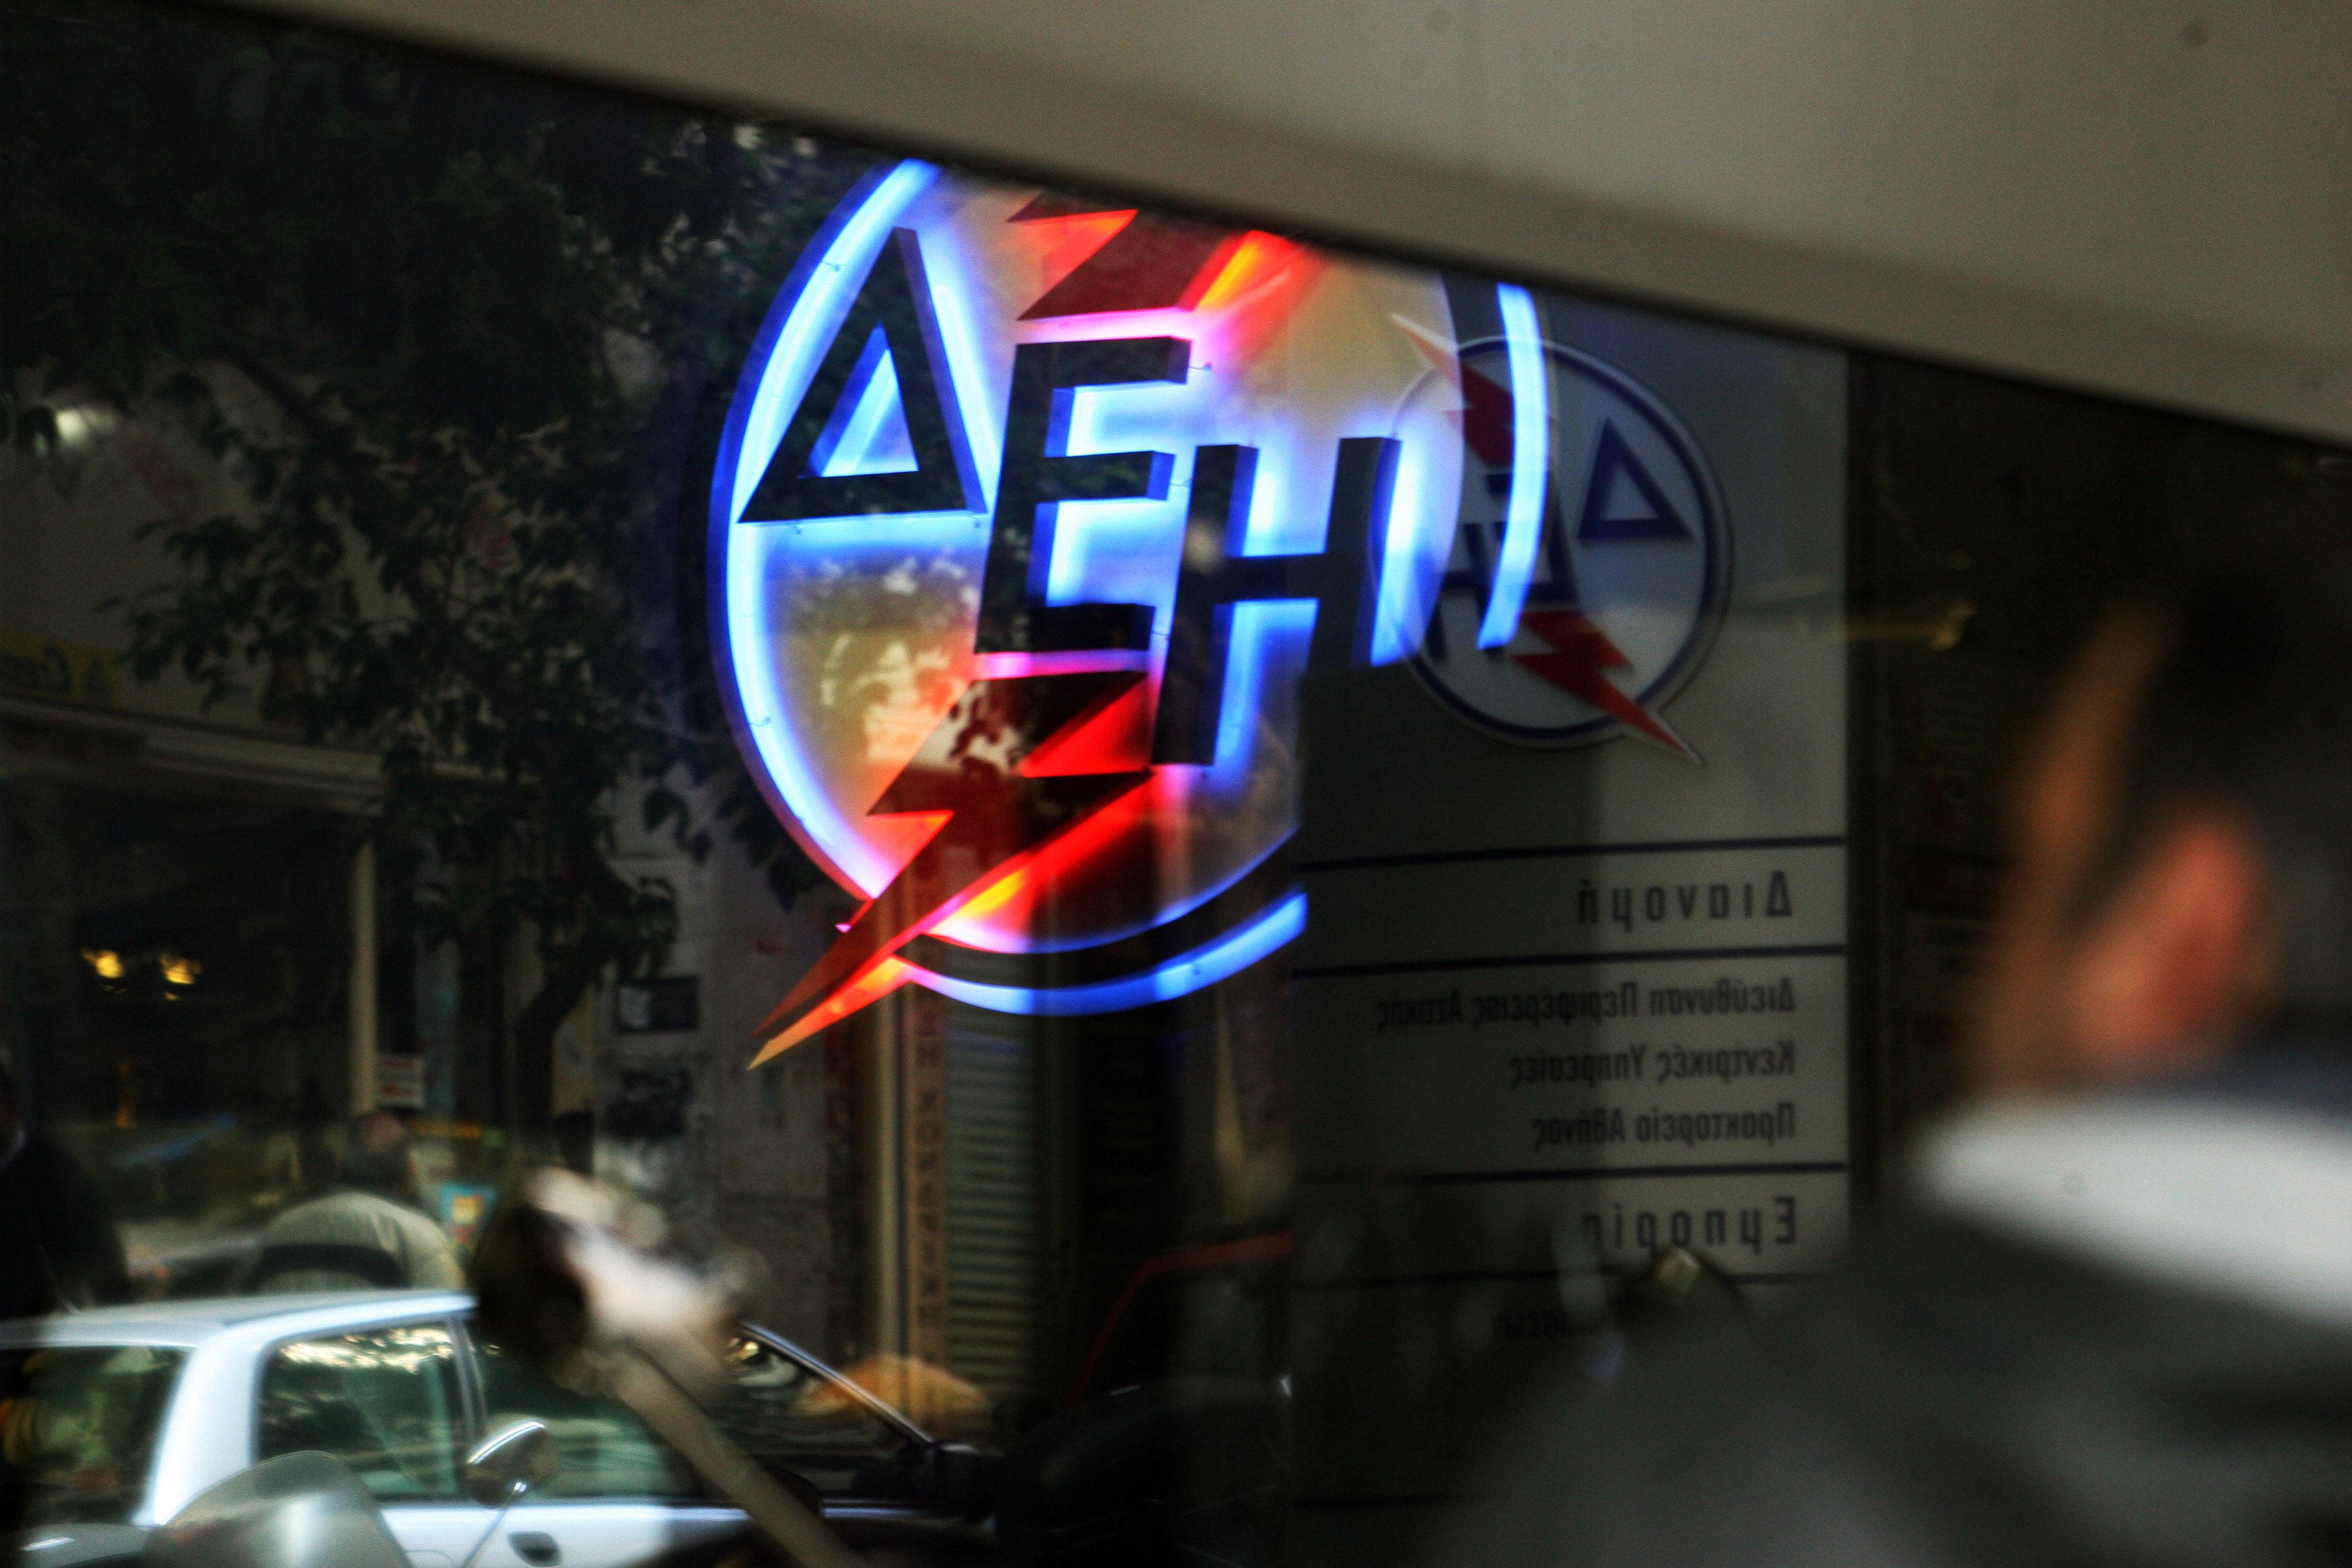 Επαναλαμβανόμενες 48ωρες απεργίες για τη «Μικρή ΔΕΗ» αποφάσισε η ΓΕΝΟΠ